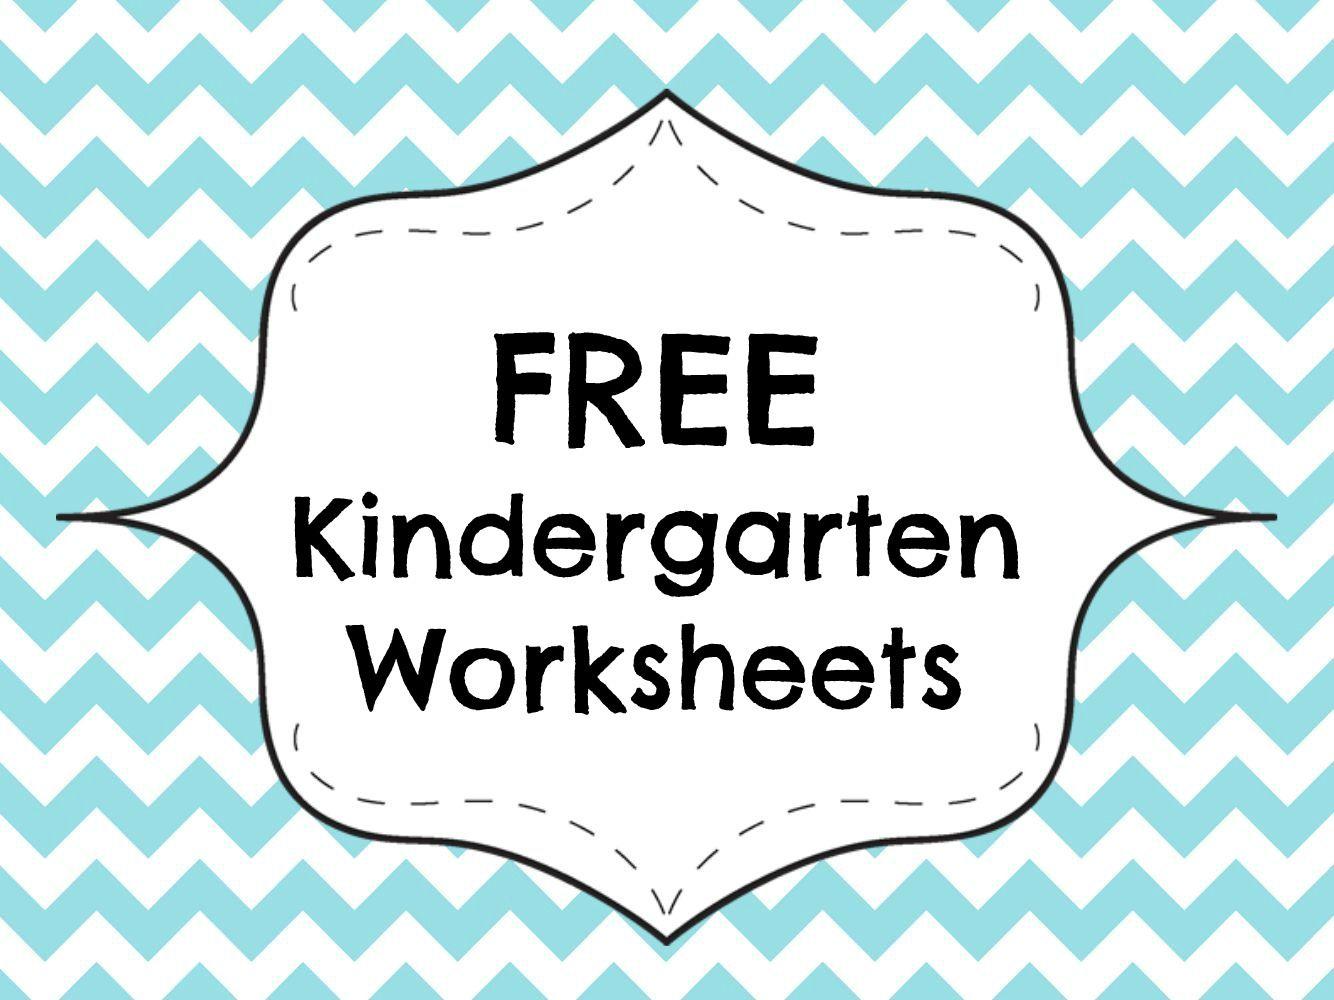 Free Kindergarten Worksheets Printable